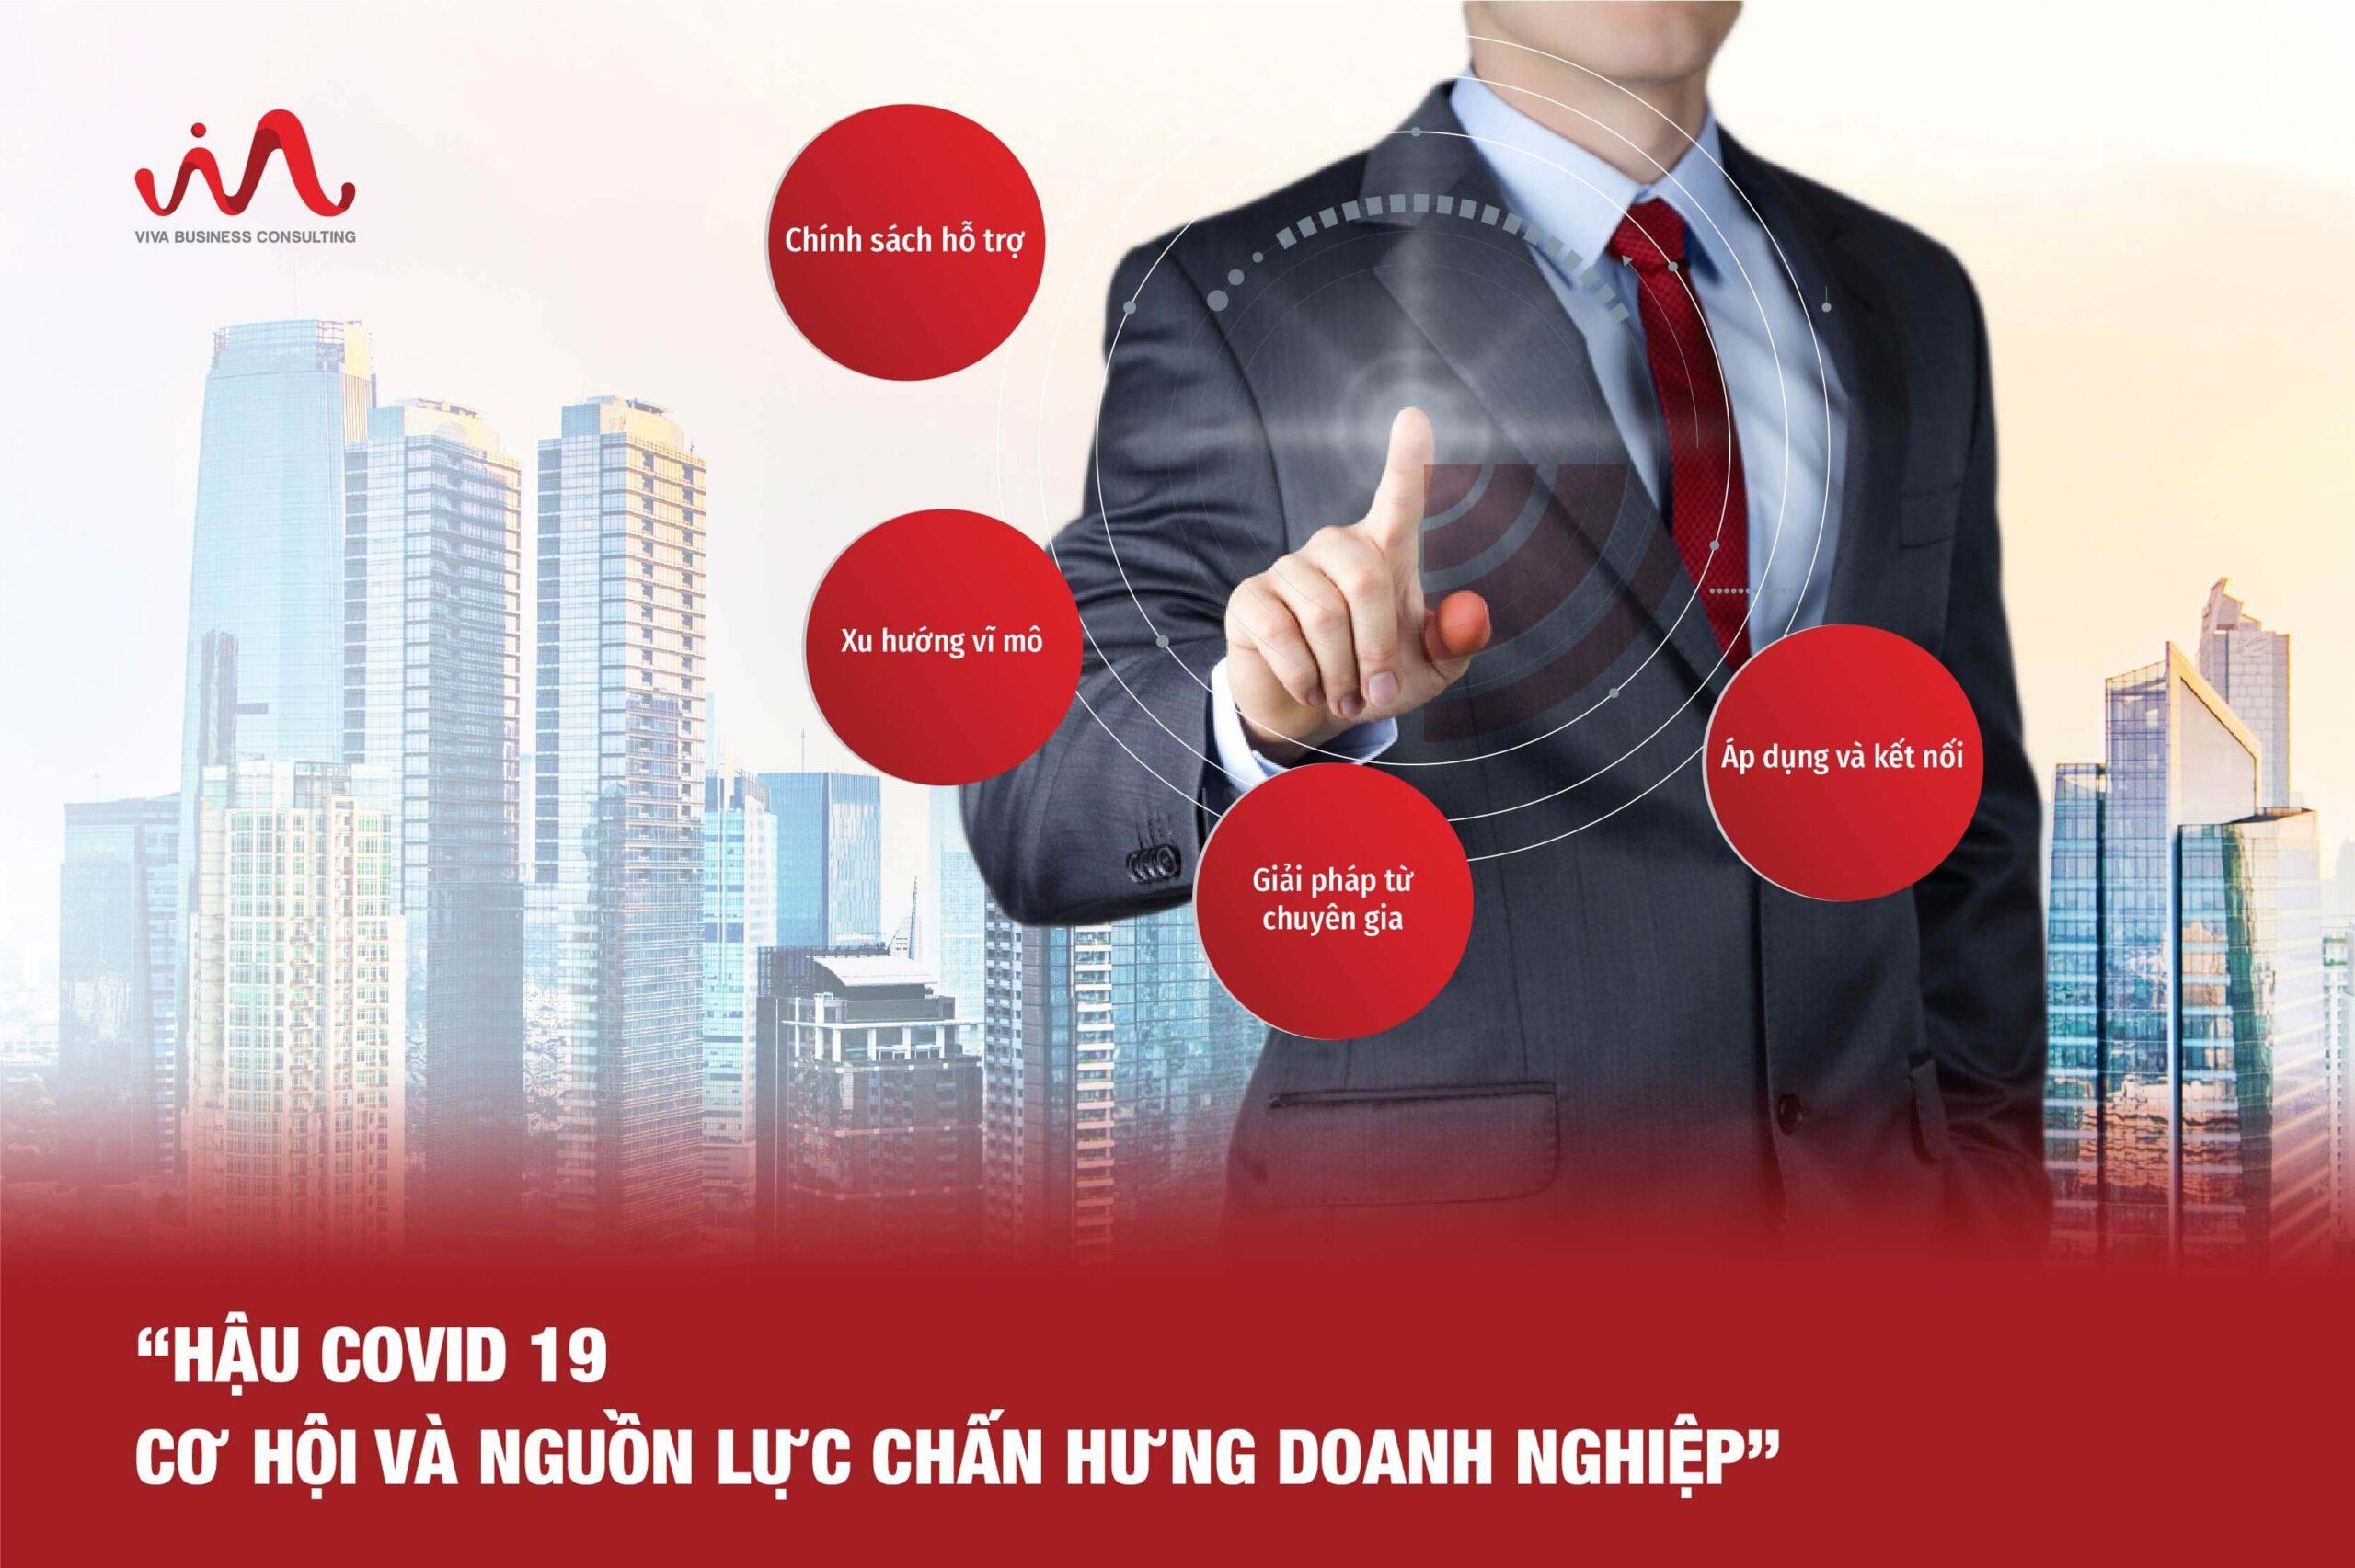 Cơ hội và nguồn lực chấn hưng doanh nghiệp hậu COVID 19